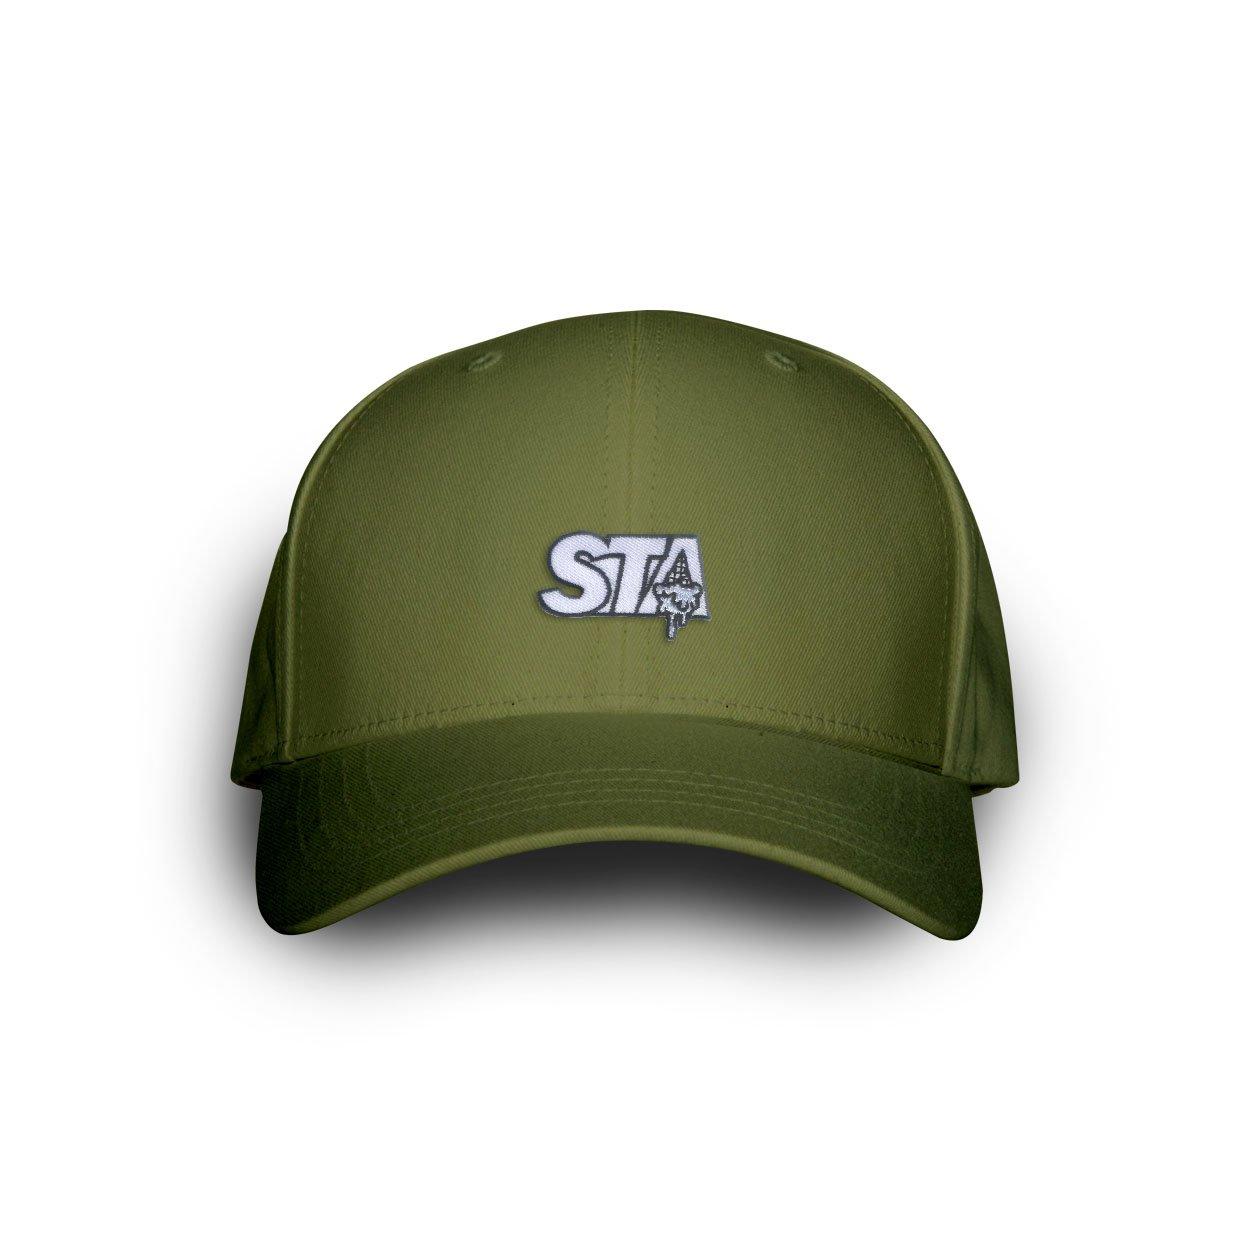 Image of STA Drip Dark Olive Dad Cap